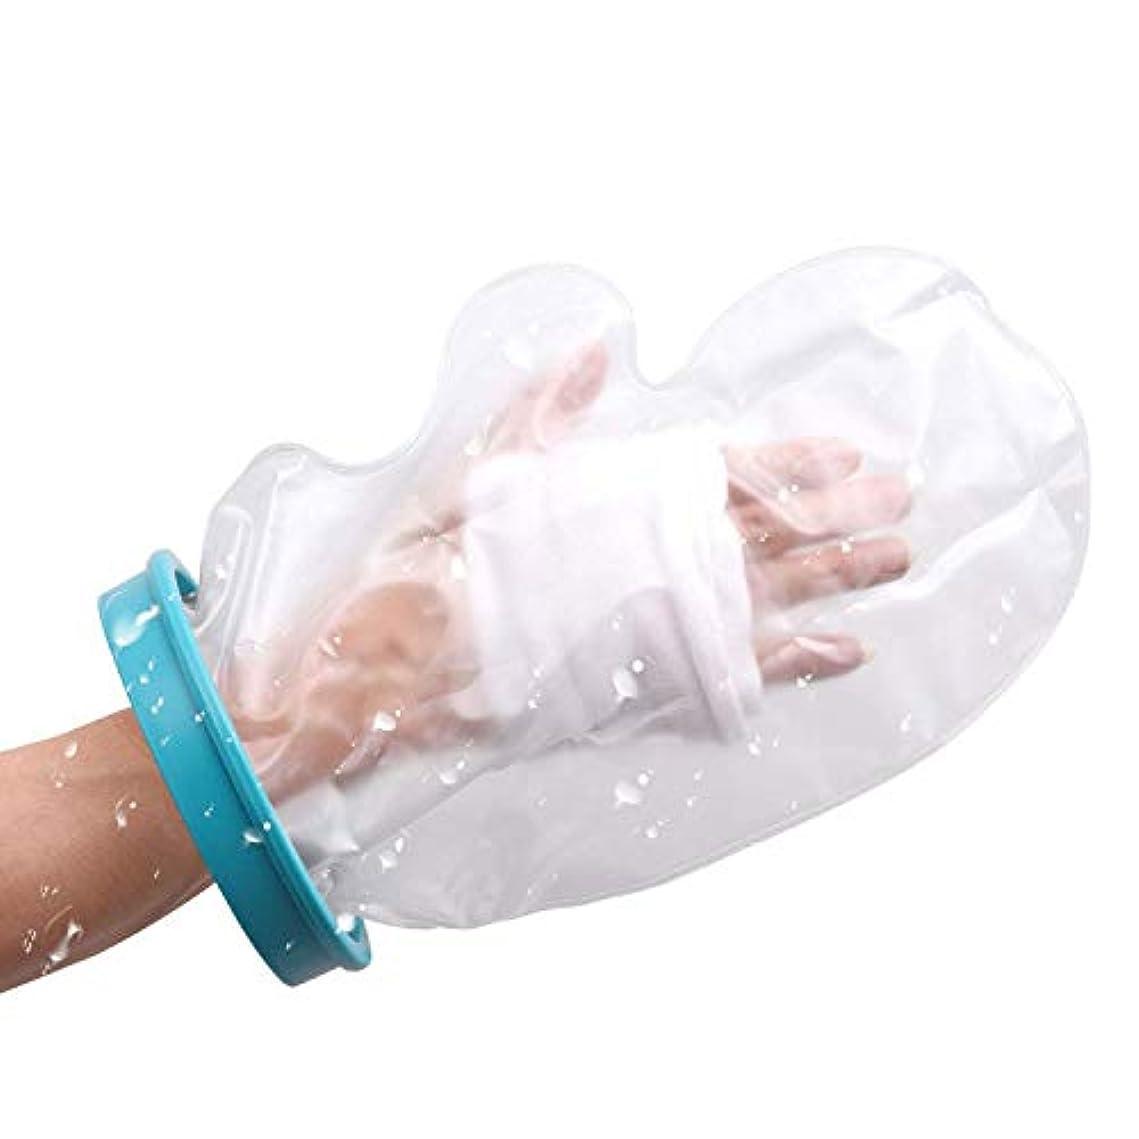 雲成人期グローバルシャワー用ハンドキャストカバープロテクター、耐久性のある再利用可能なキャストスリーブバッグカバー大人手傷火傷手手首指